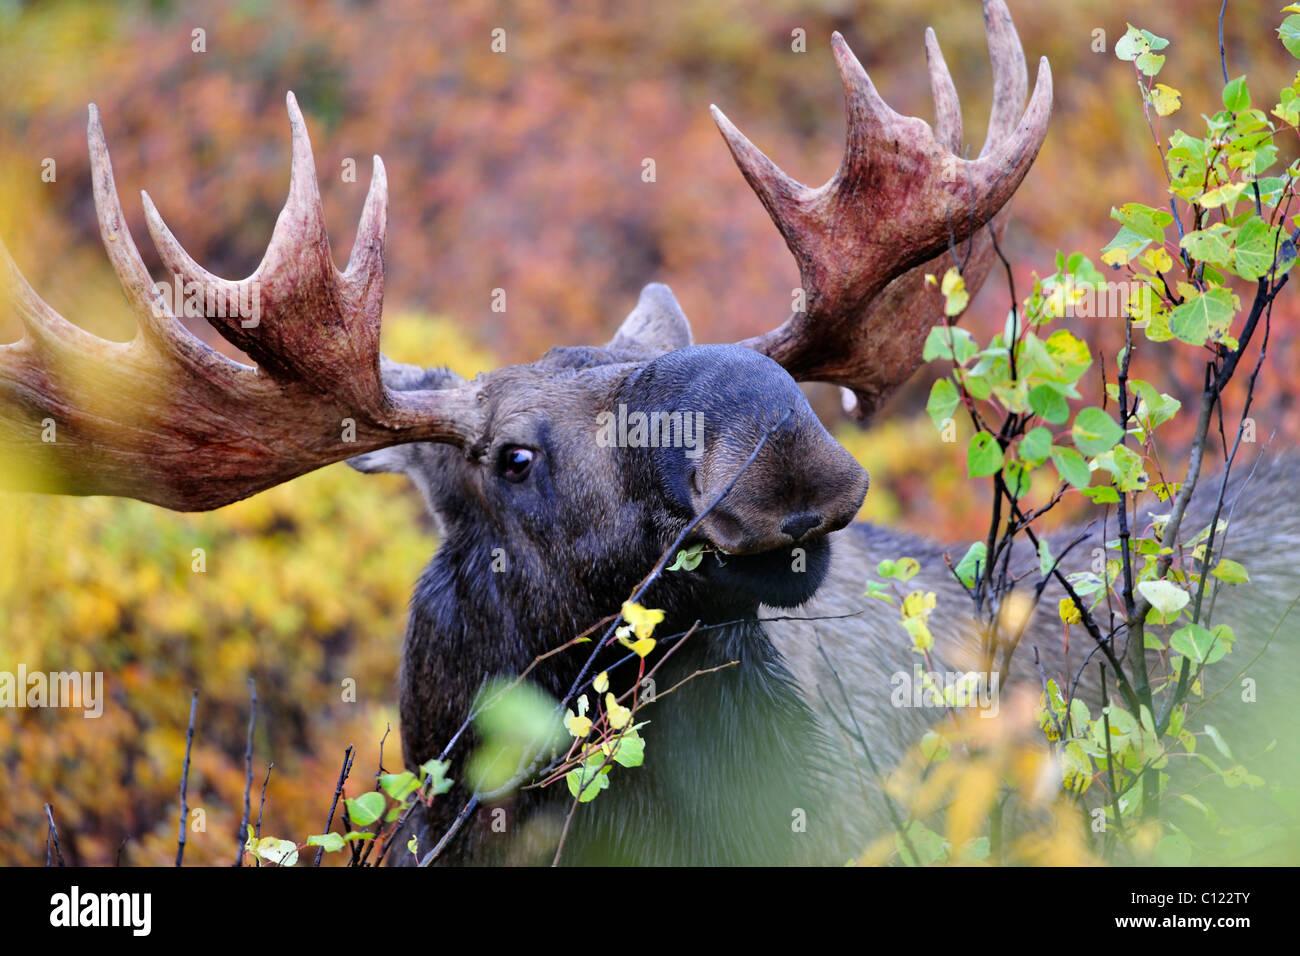 Deer Eating Leaves Stock Photos & Deer Eating Leaves Stock